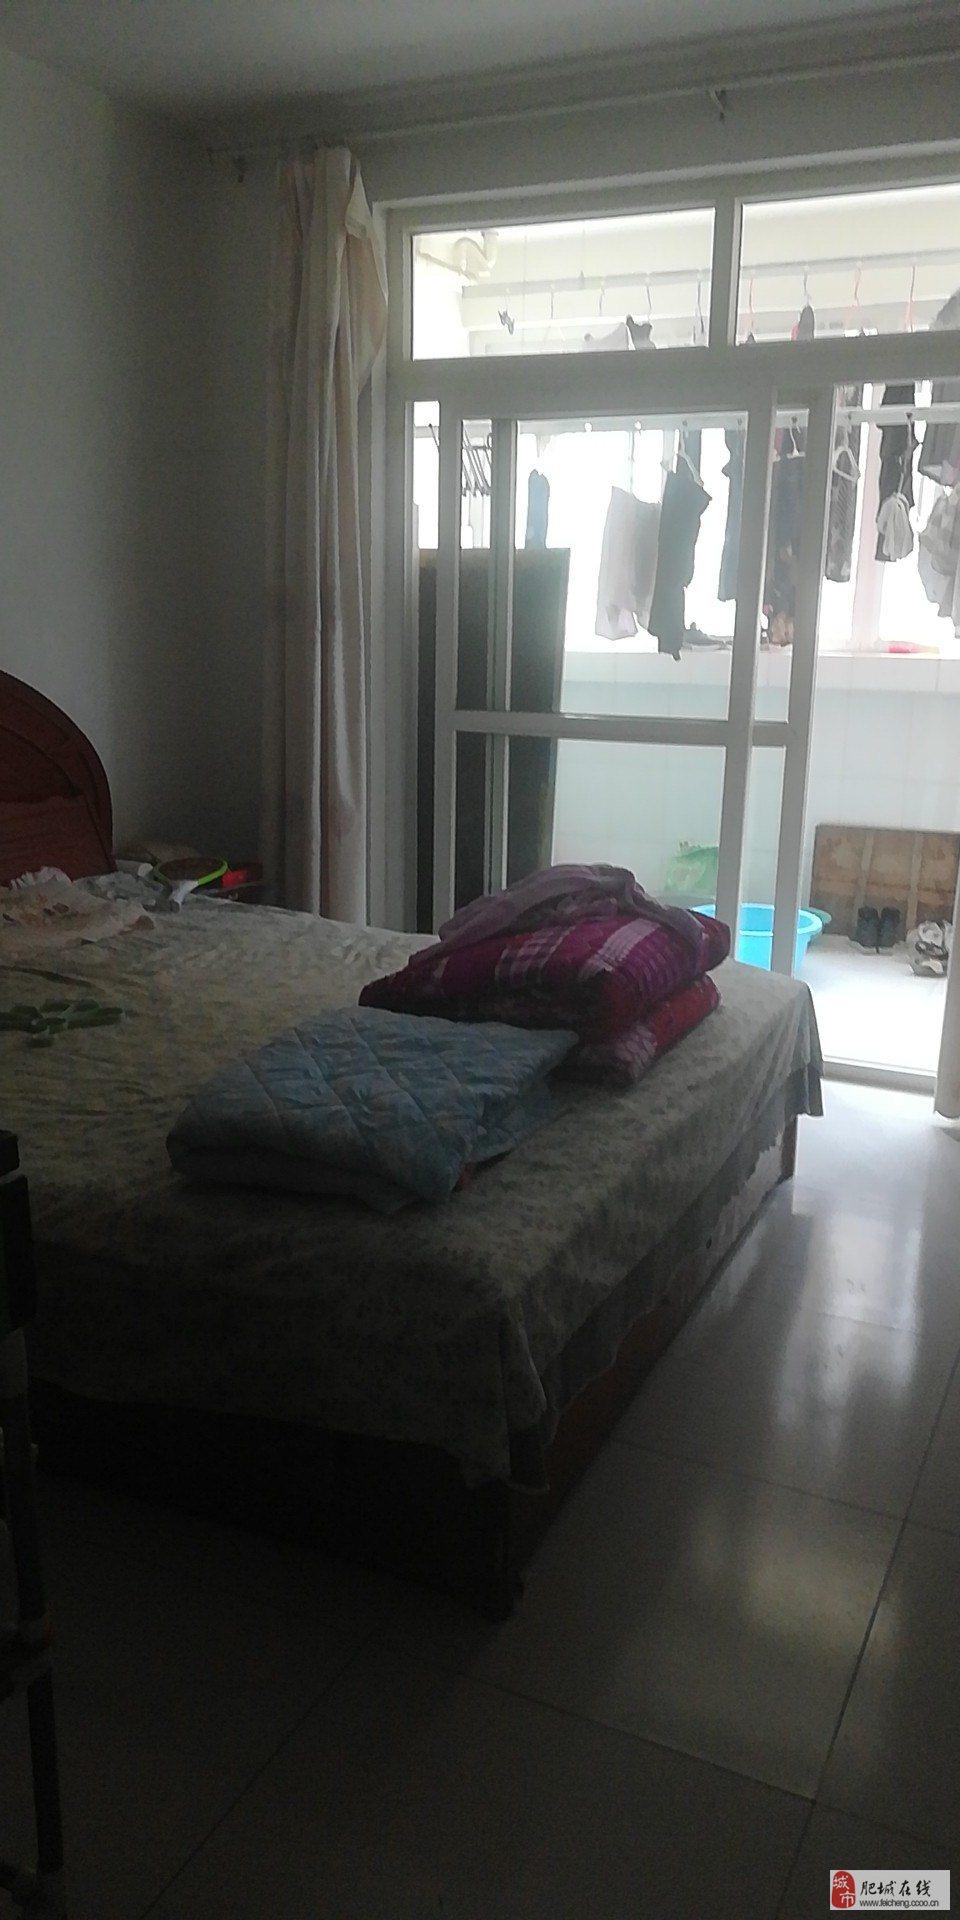 明桂花园3室2厅1卫62万元